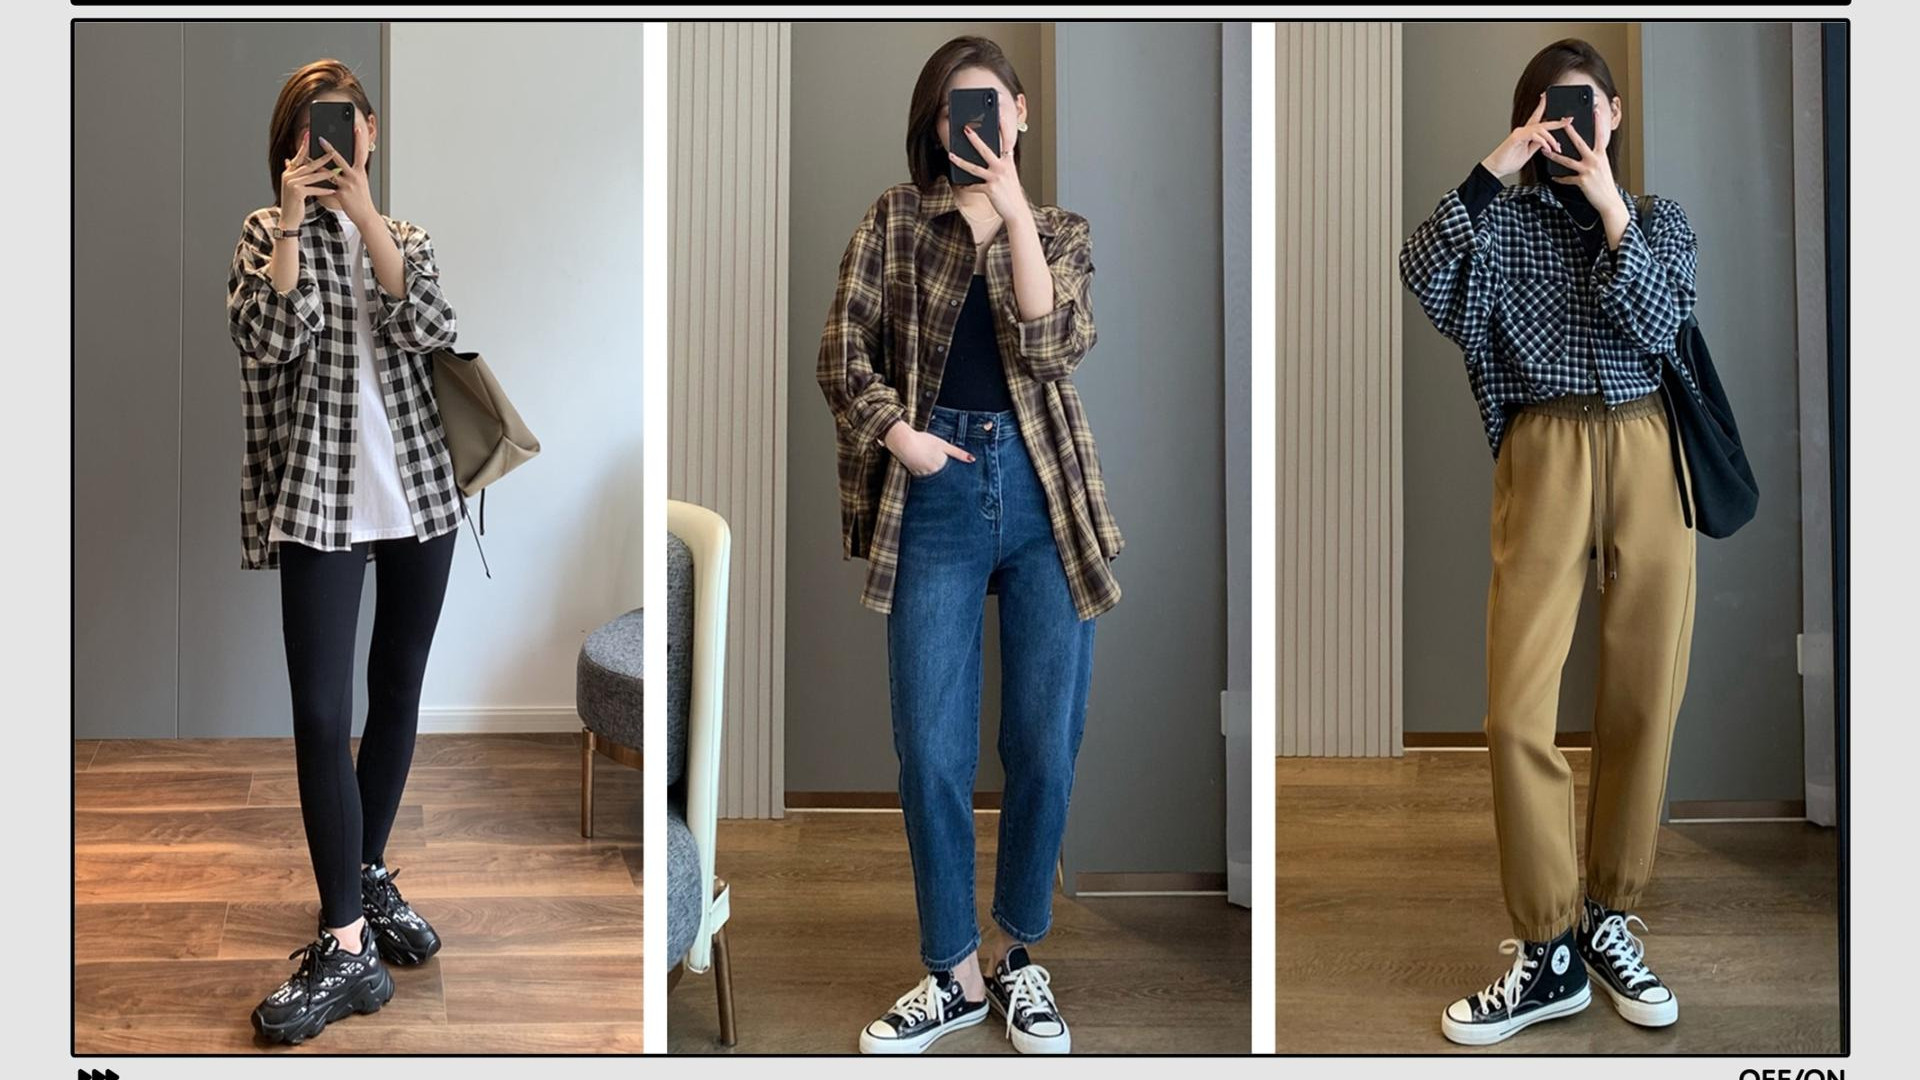 时尚又活力的格子衬衫,轻松演绎秋日的潮流,时髦保暖两不误